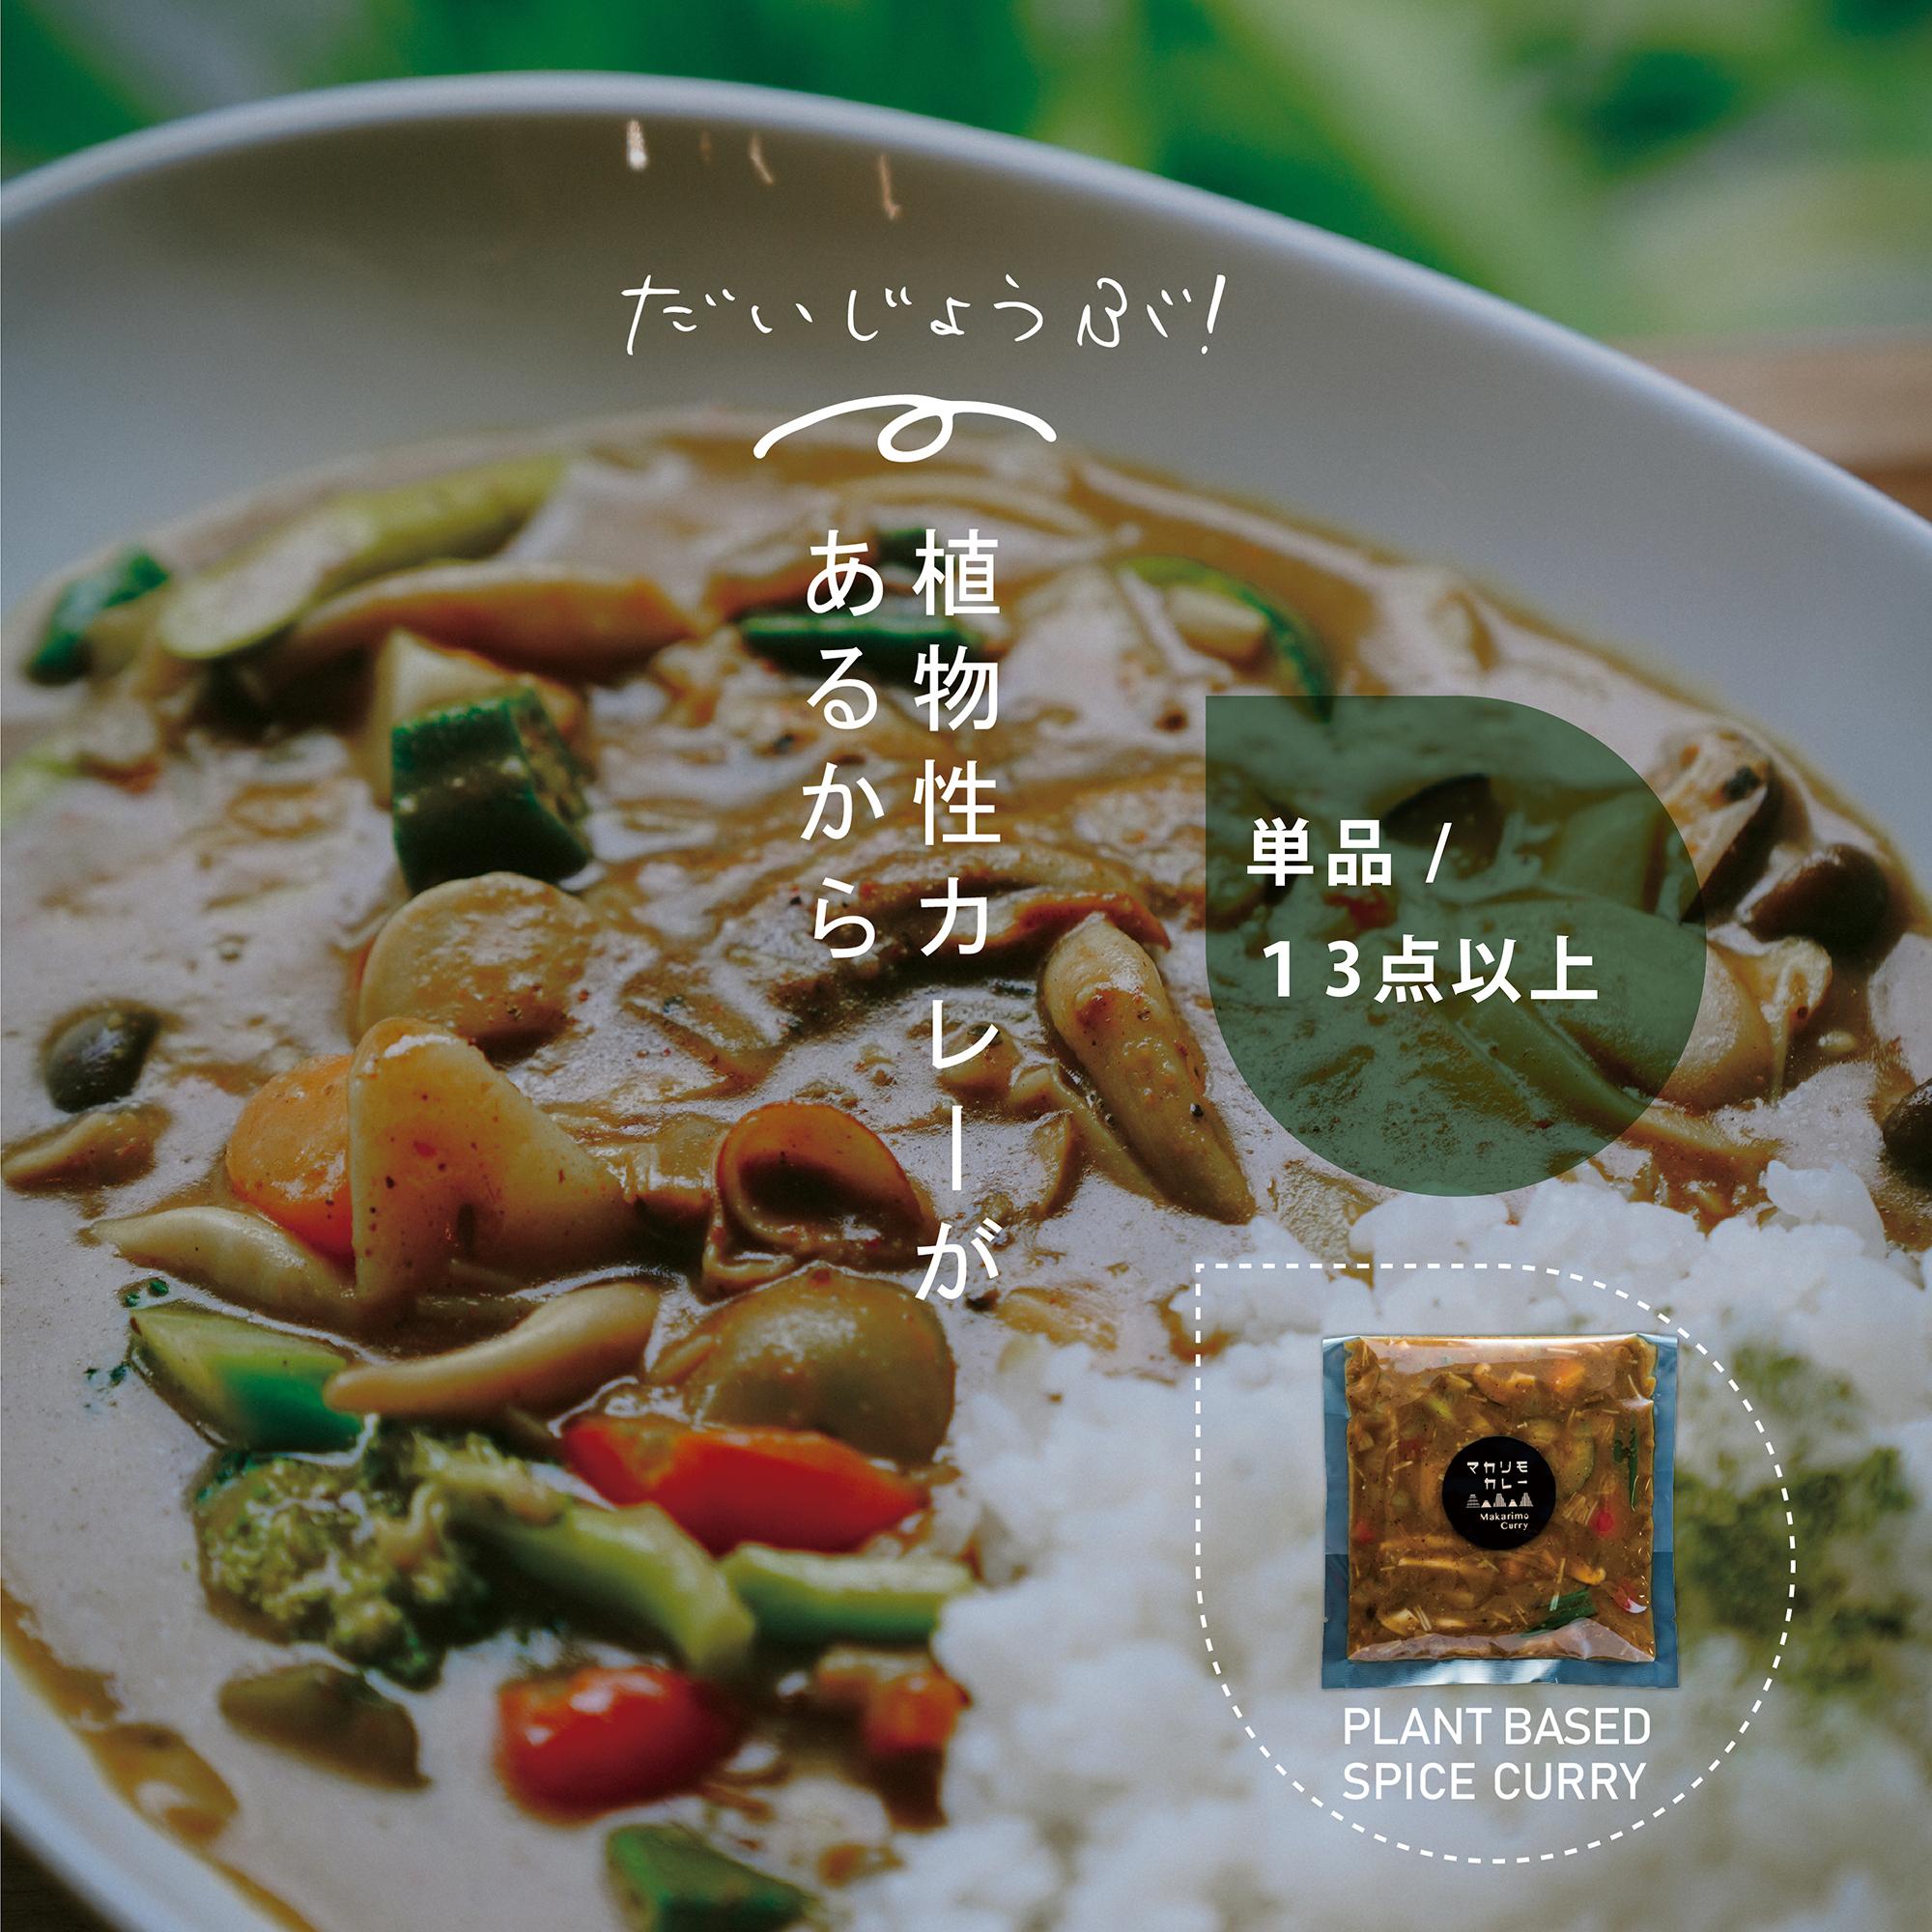 冷凍カレールウ / 単品(13点以上)